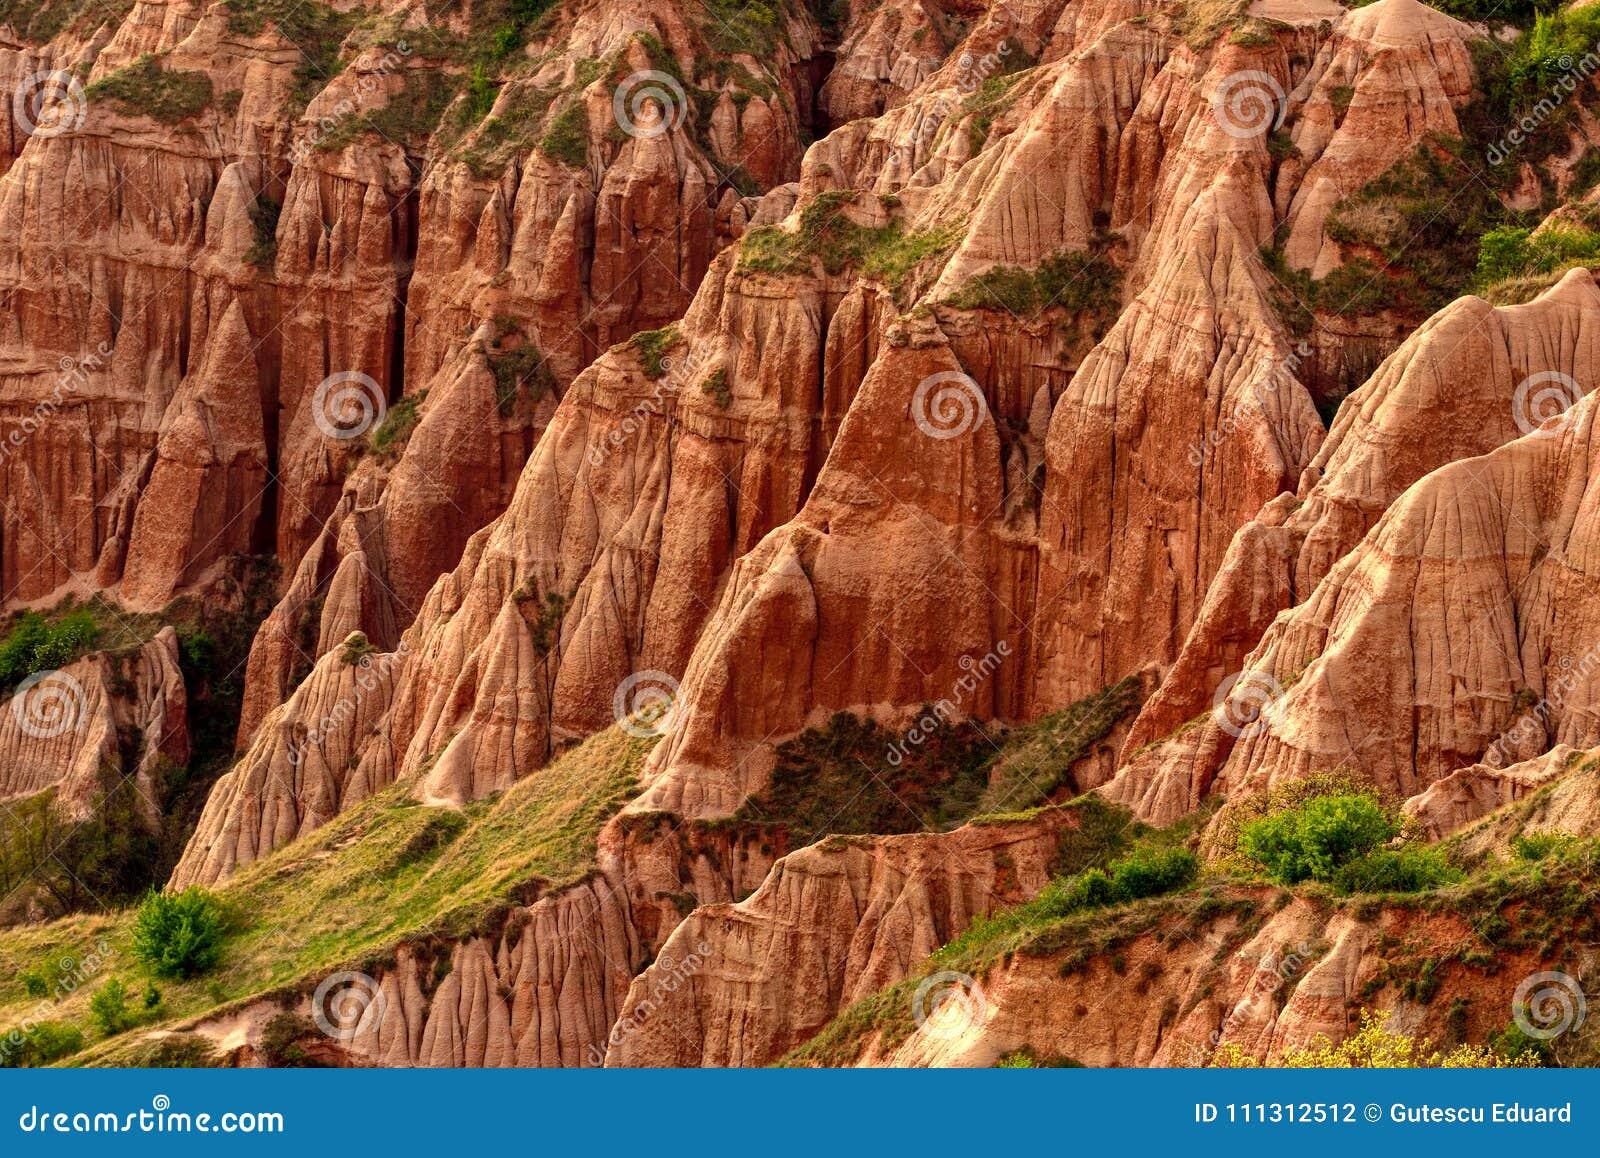 Rapa Rosie in Romania, montagna rossa con roccia rossa